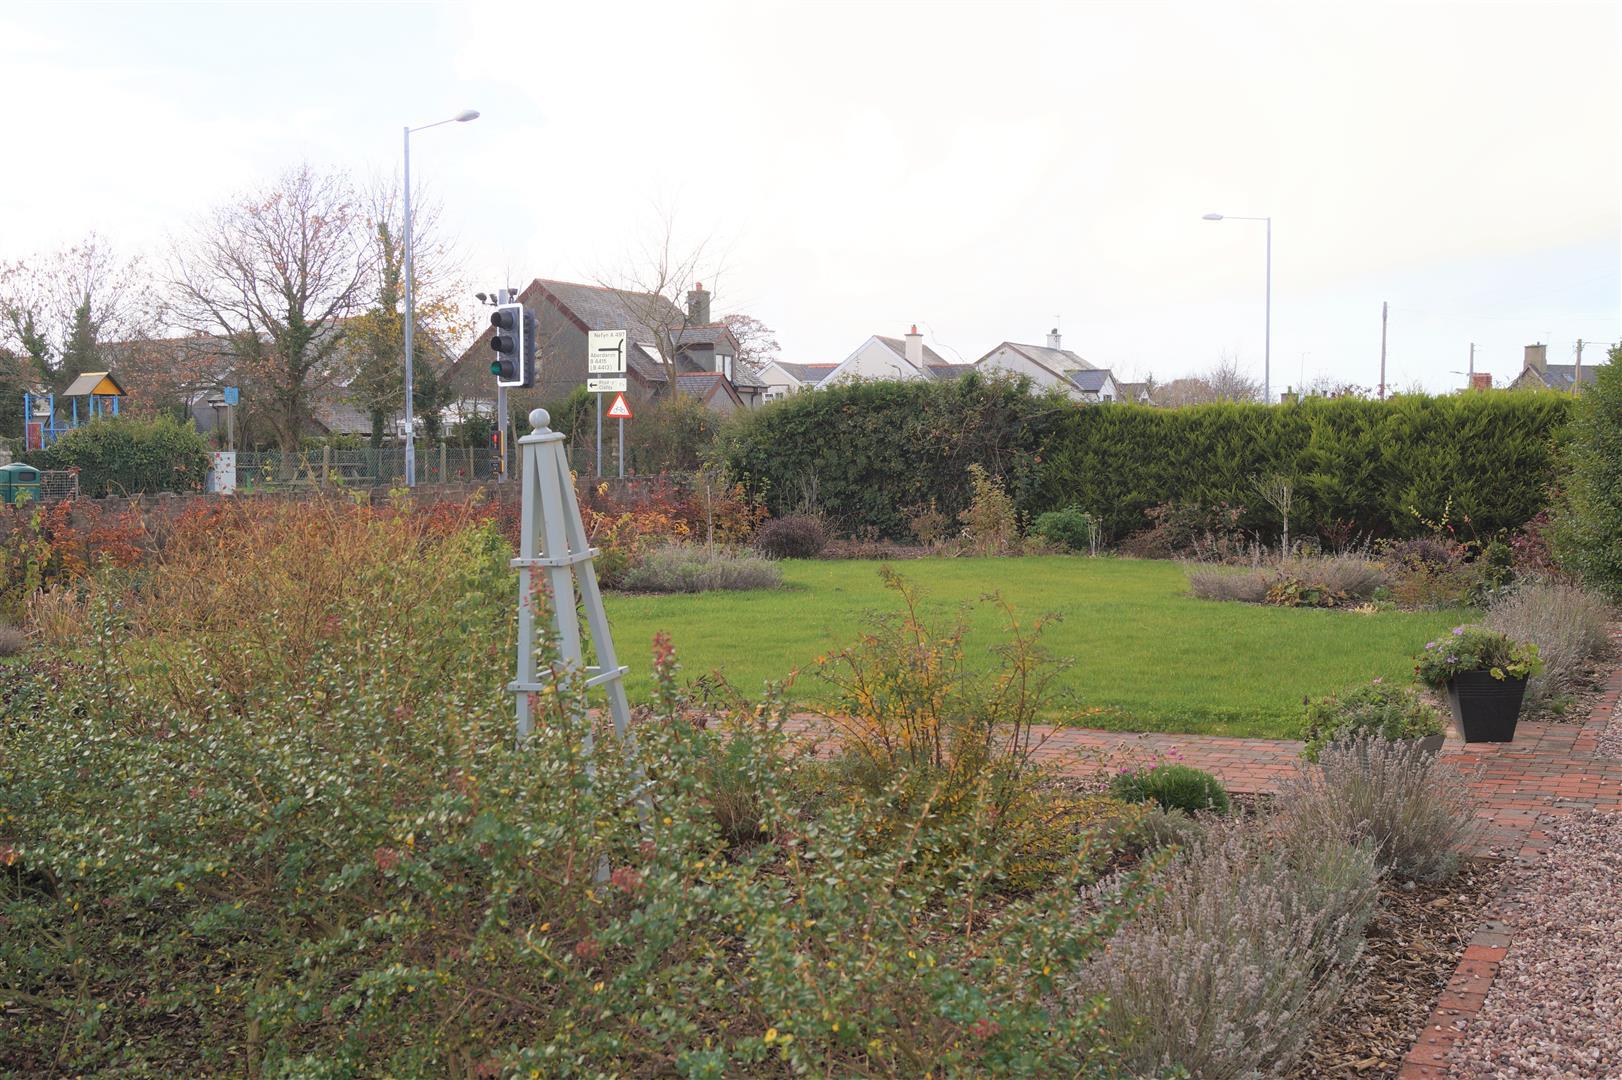 Efailnewydd, Pwllheli